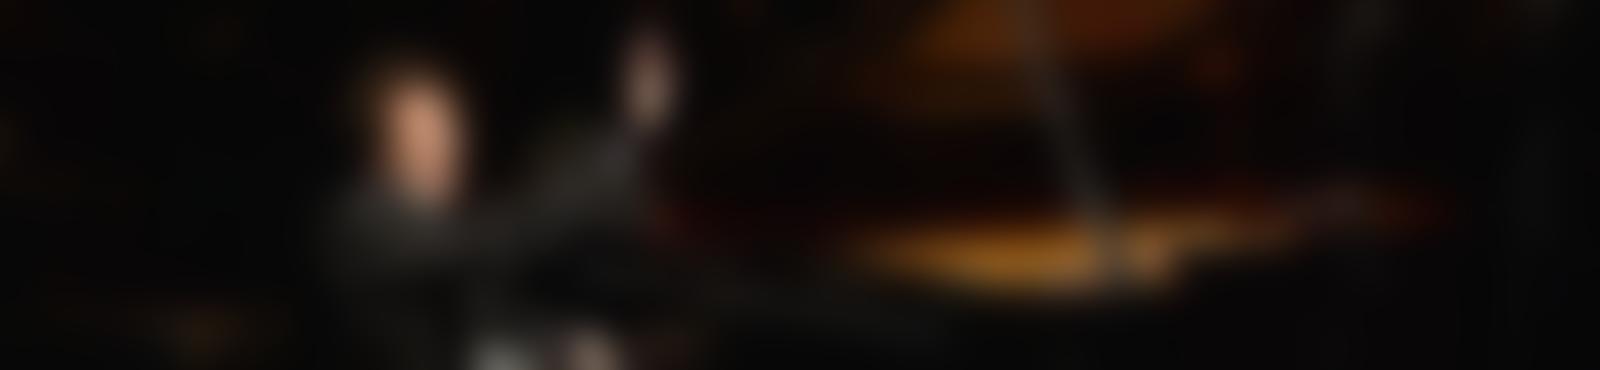 Blurred c9b3c677 a36f 45e4 971f ec8311bec44c